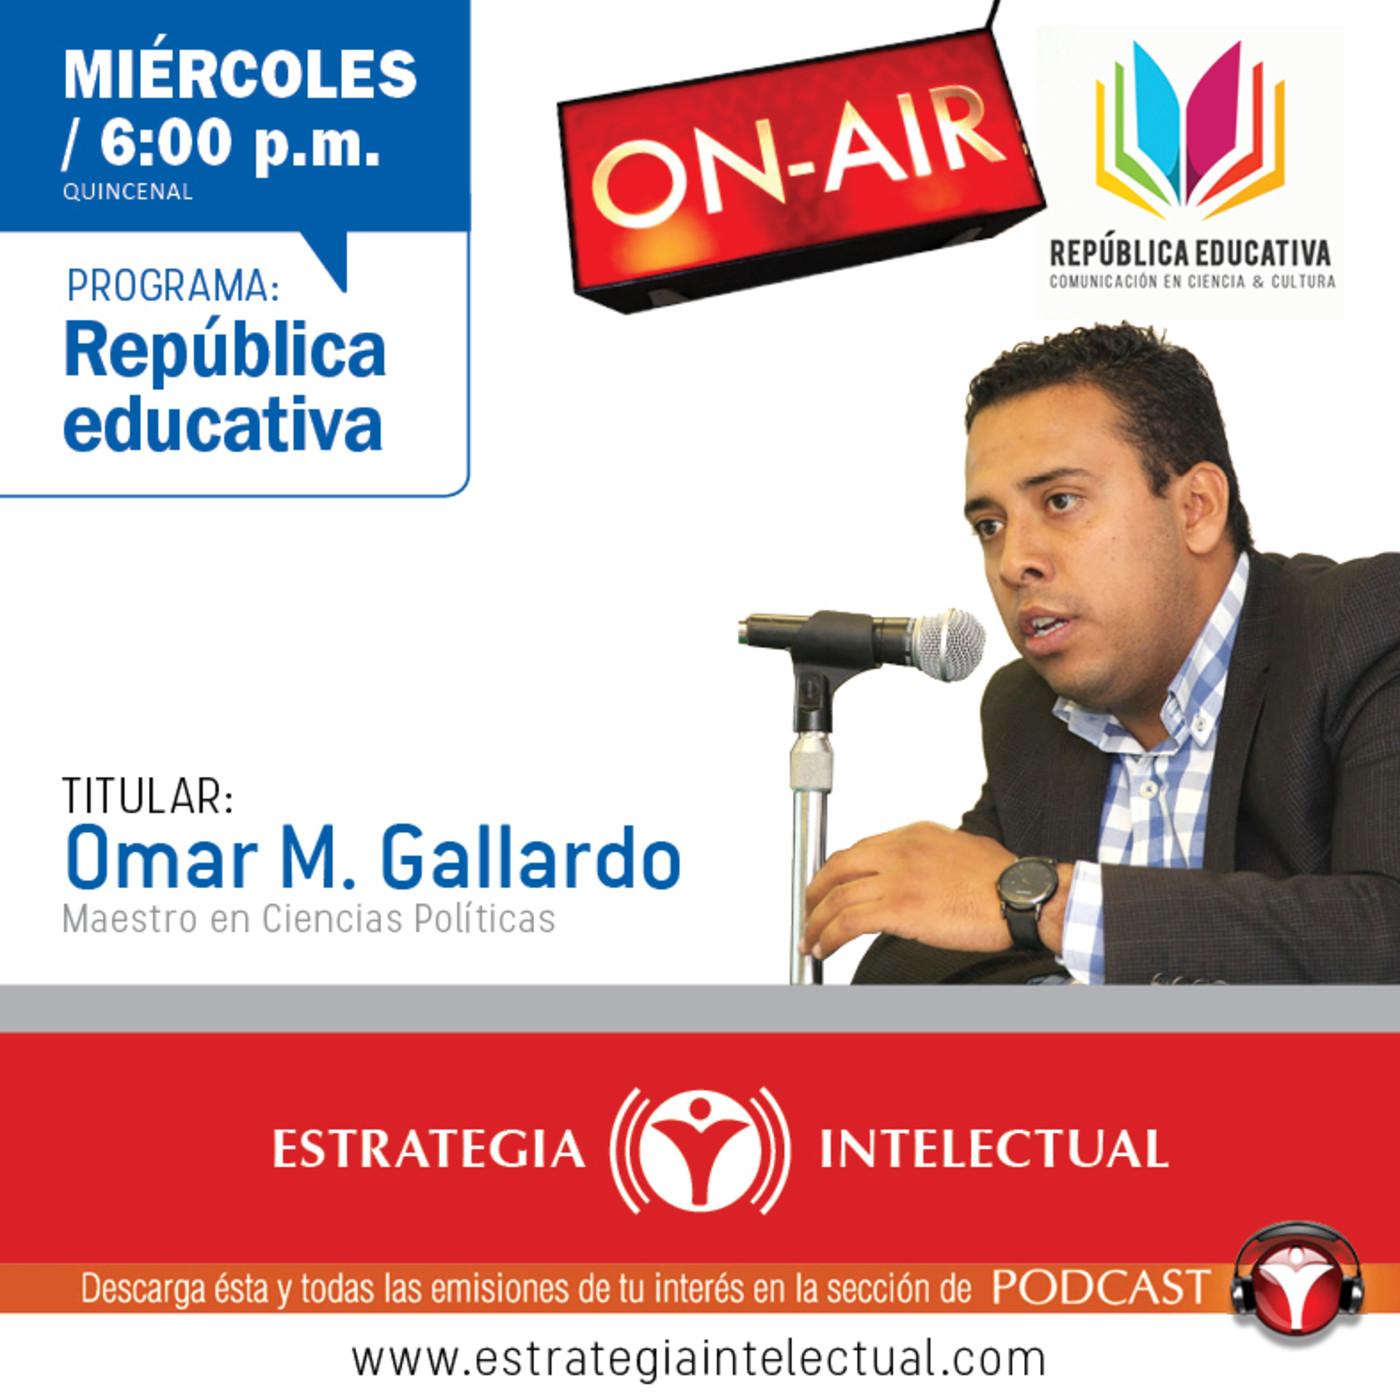 República Educativa (Elecciones 2018 Entre jolgorio y violencia)